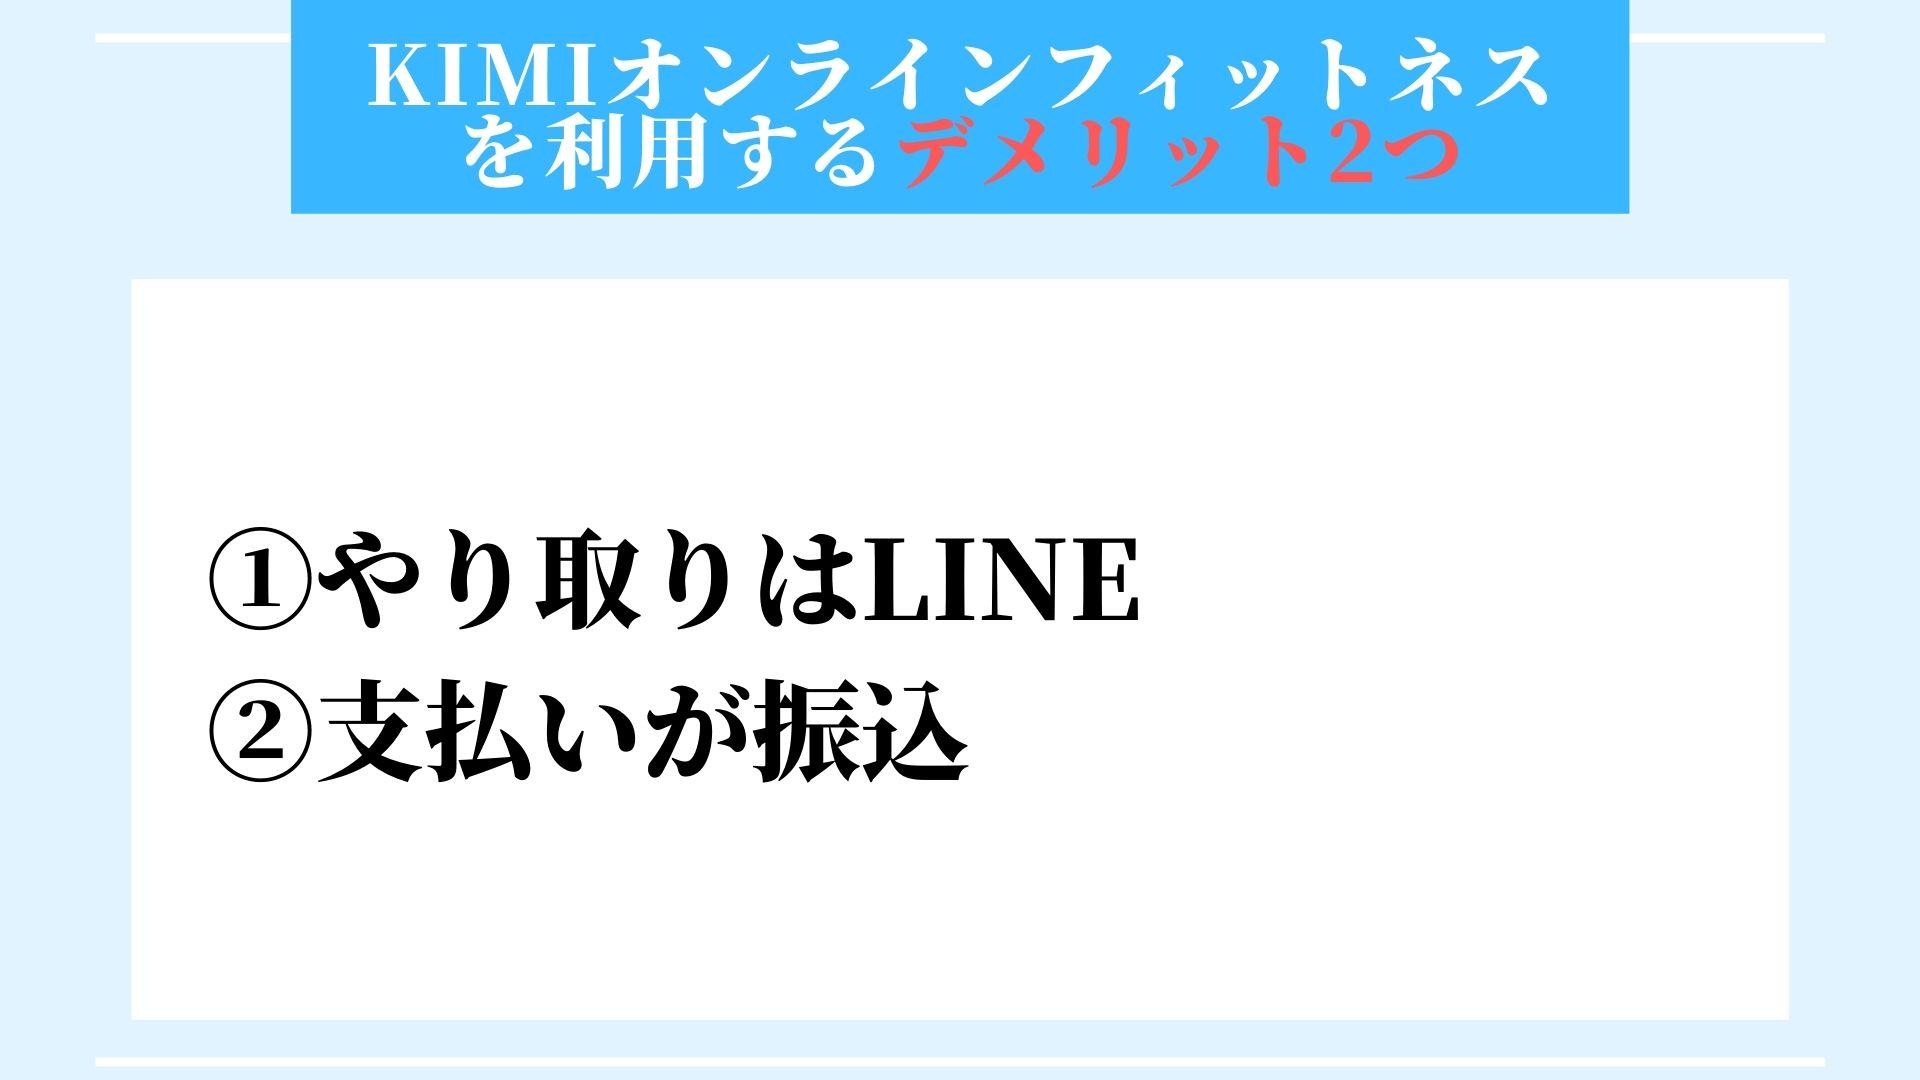 KIMIオンラインフィットネス デメリット